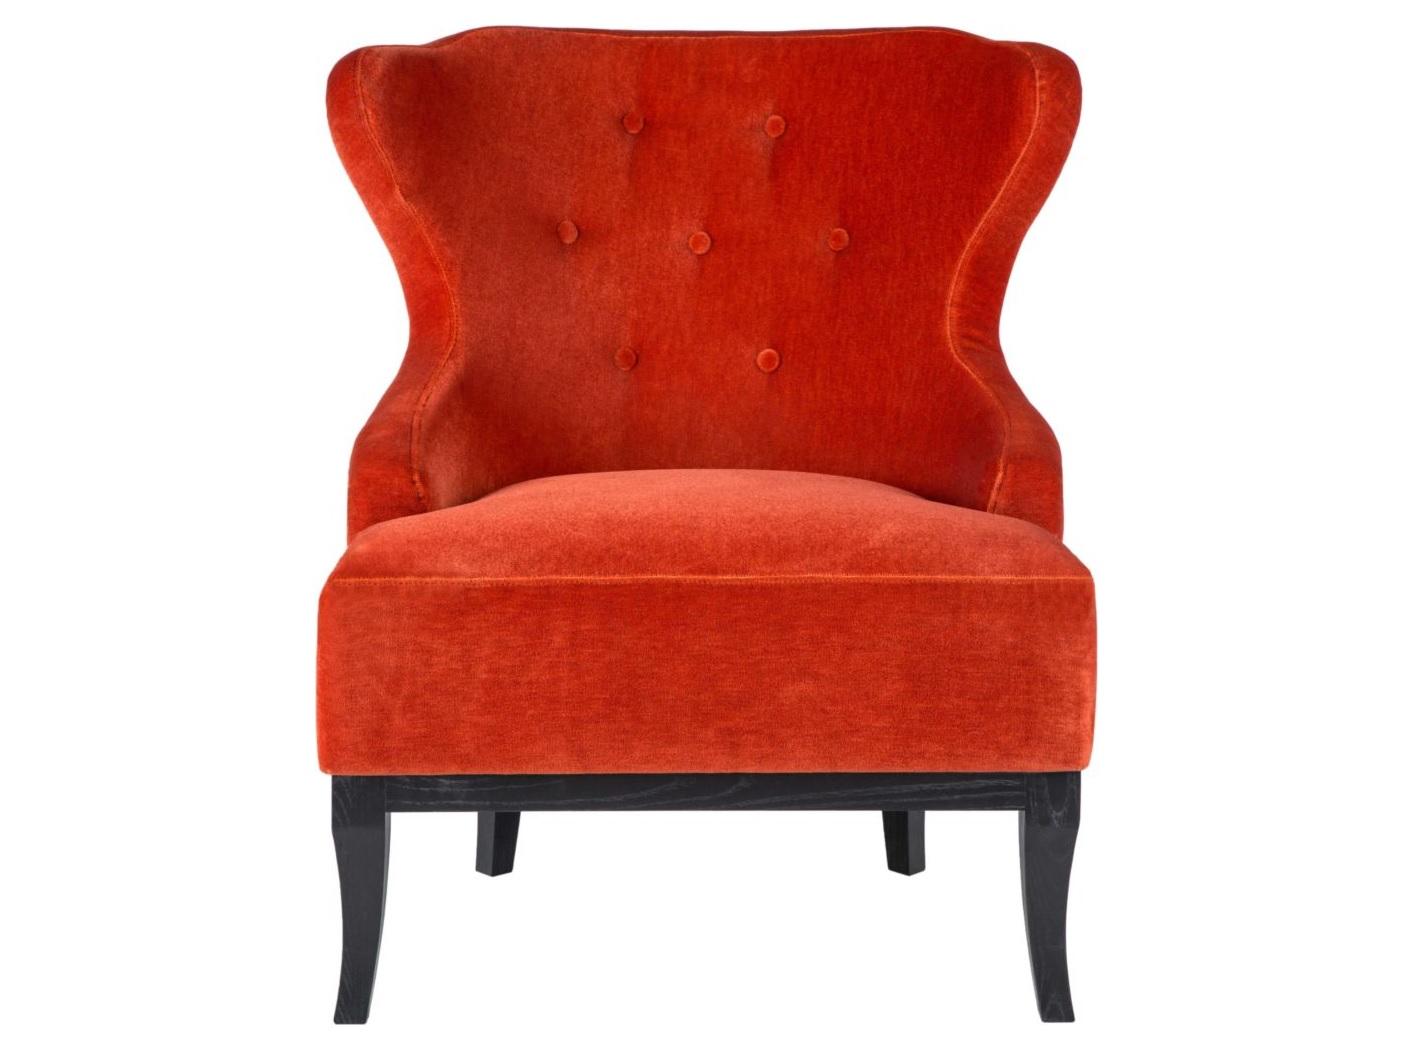 КреслоИнтерьерные кресла<br><br><br>Material: Текстиль<br>Ширина см: 78<br>Высота см: 102<br>Глубина см: 74